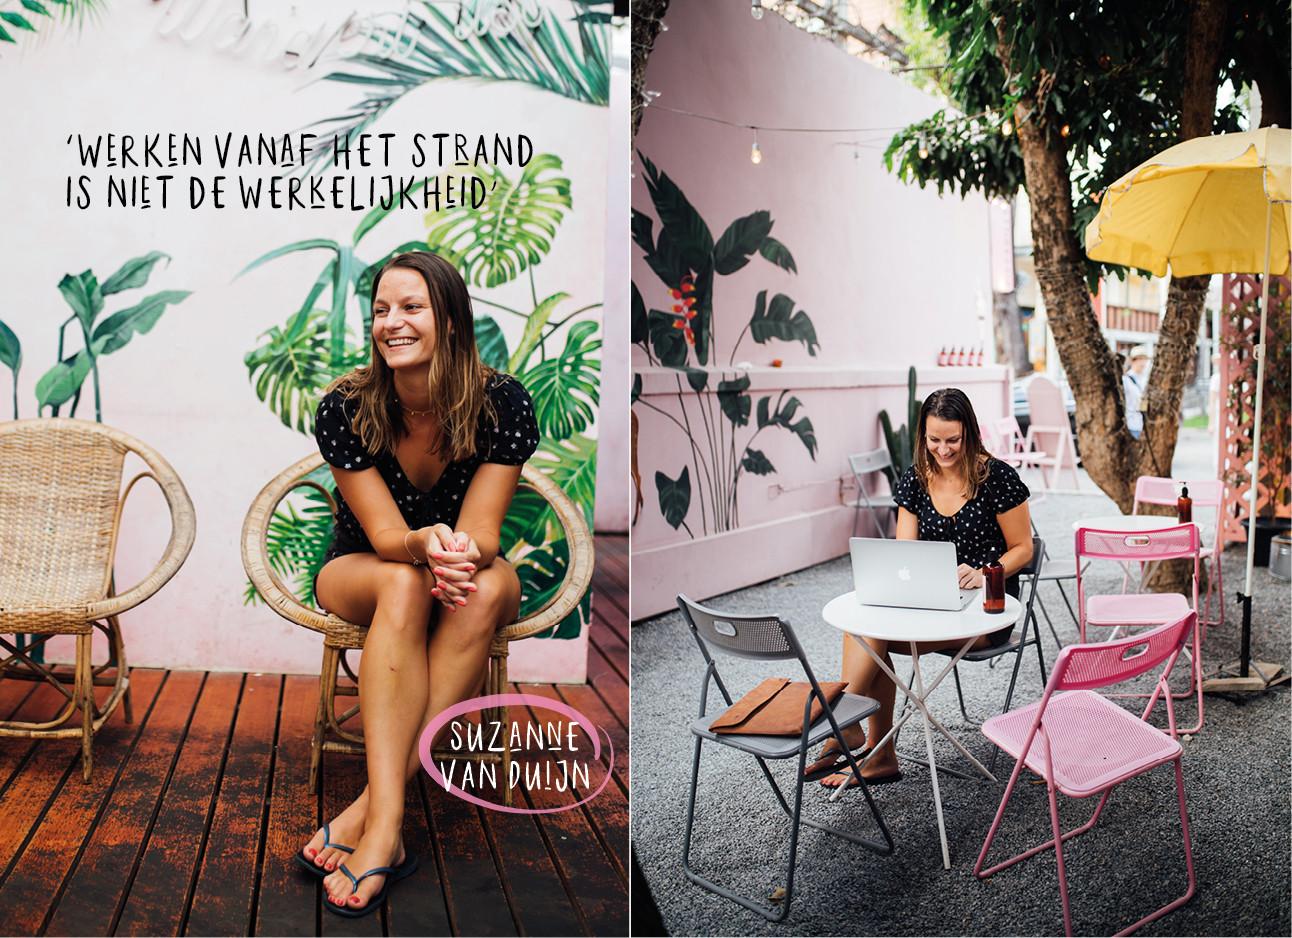 Suzanne van duijn lachend met blote benen in een leuke restaurantje aan het werk in het buitenland